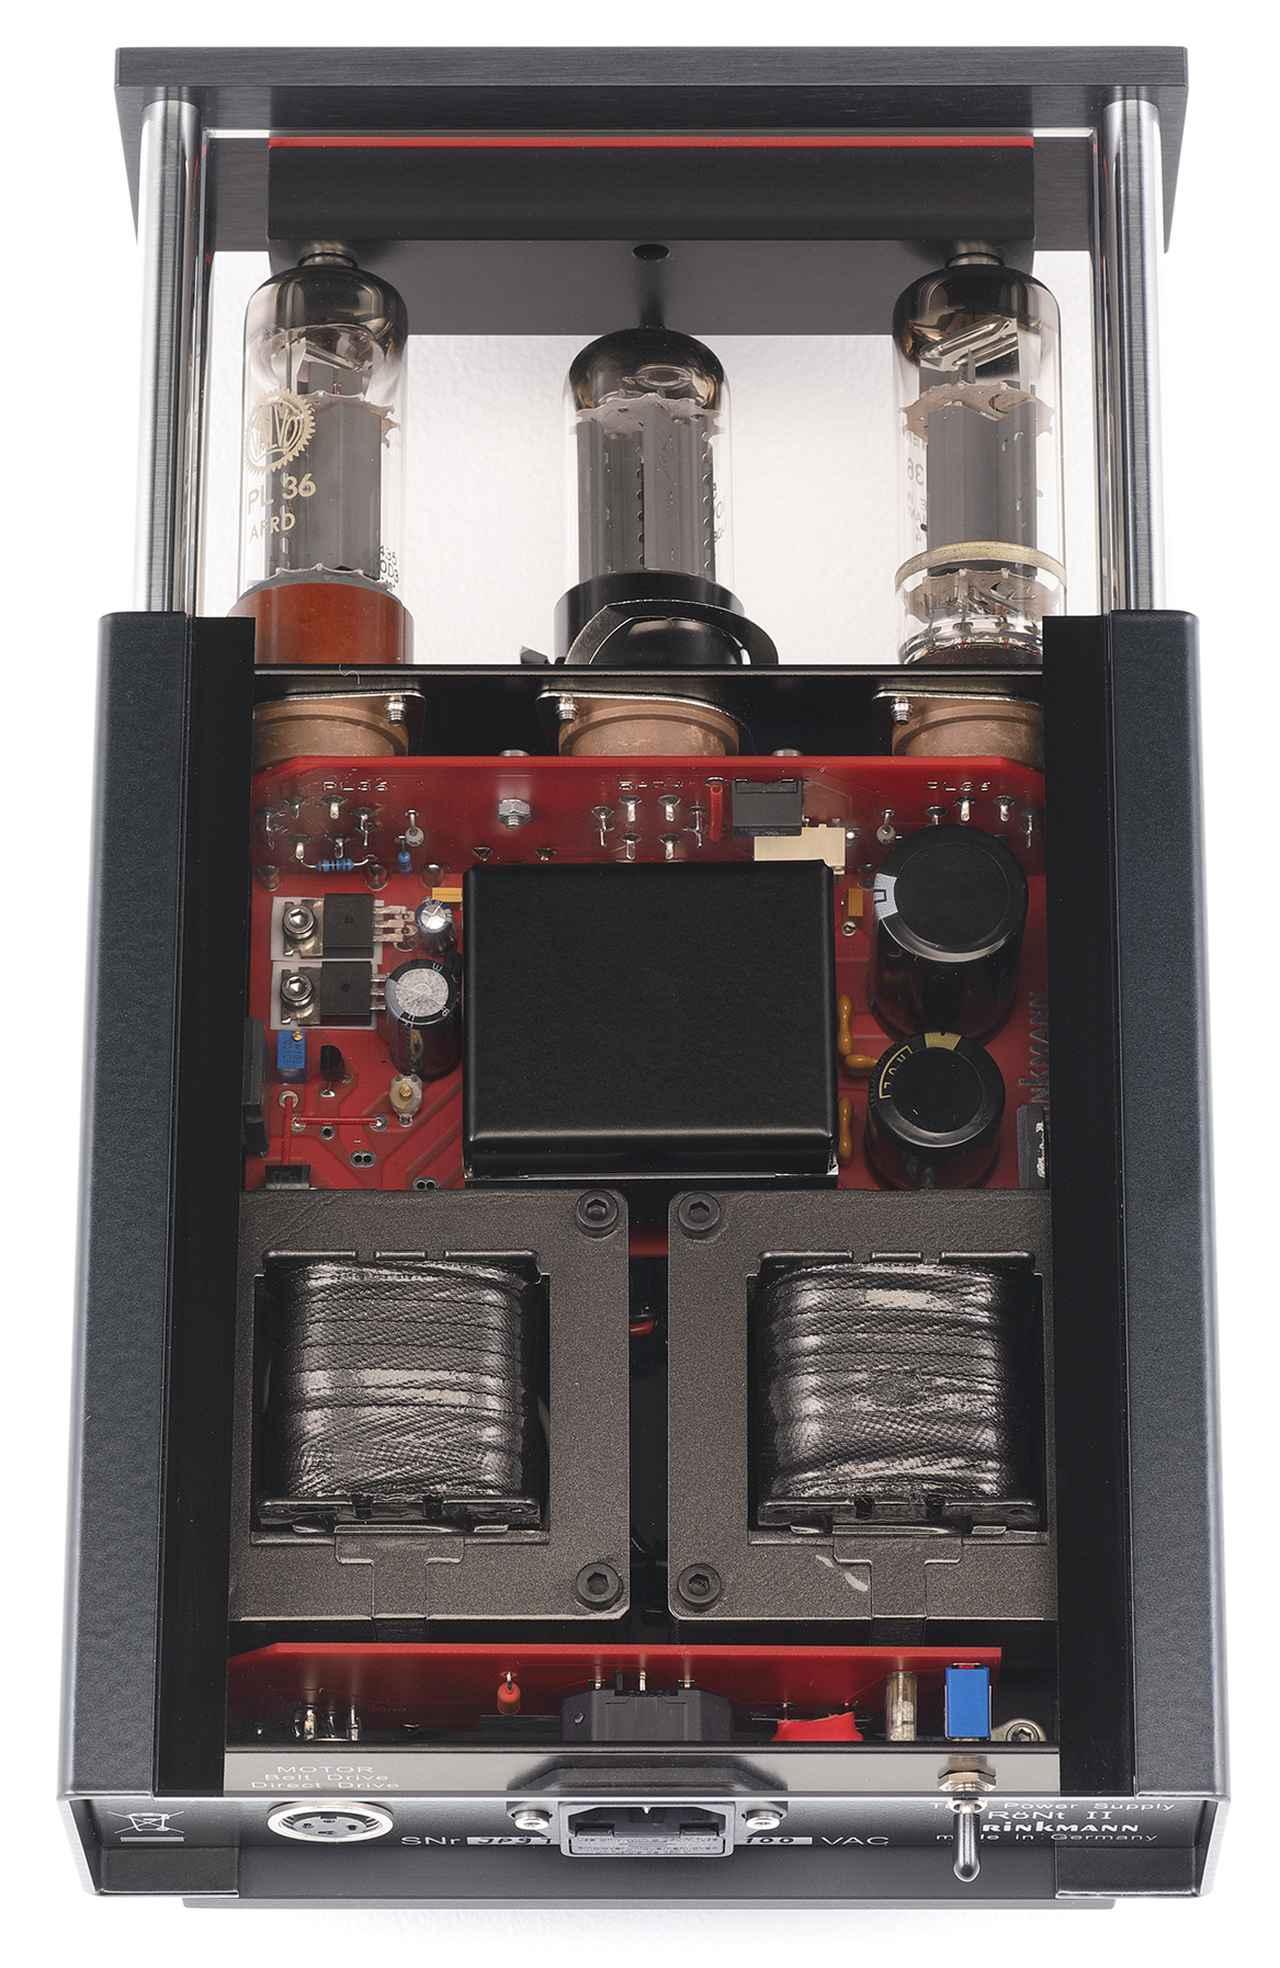 画像: RöNt Ⅱの天板はガラス製。真空管は中央が整流管5AR4、左右がTV用水平偏向出力管PL36。出力電圧DC24Vを安定的に供給する